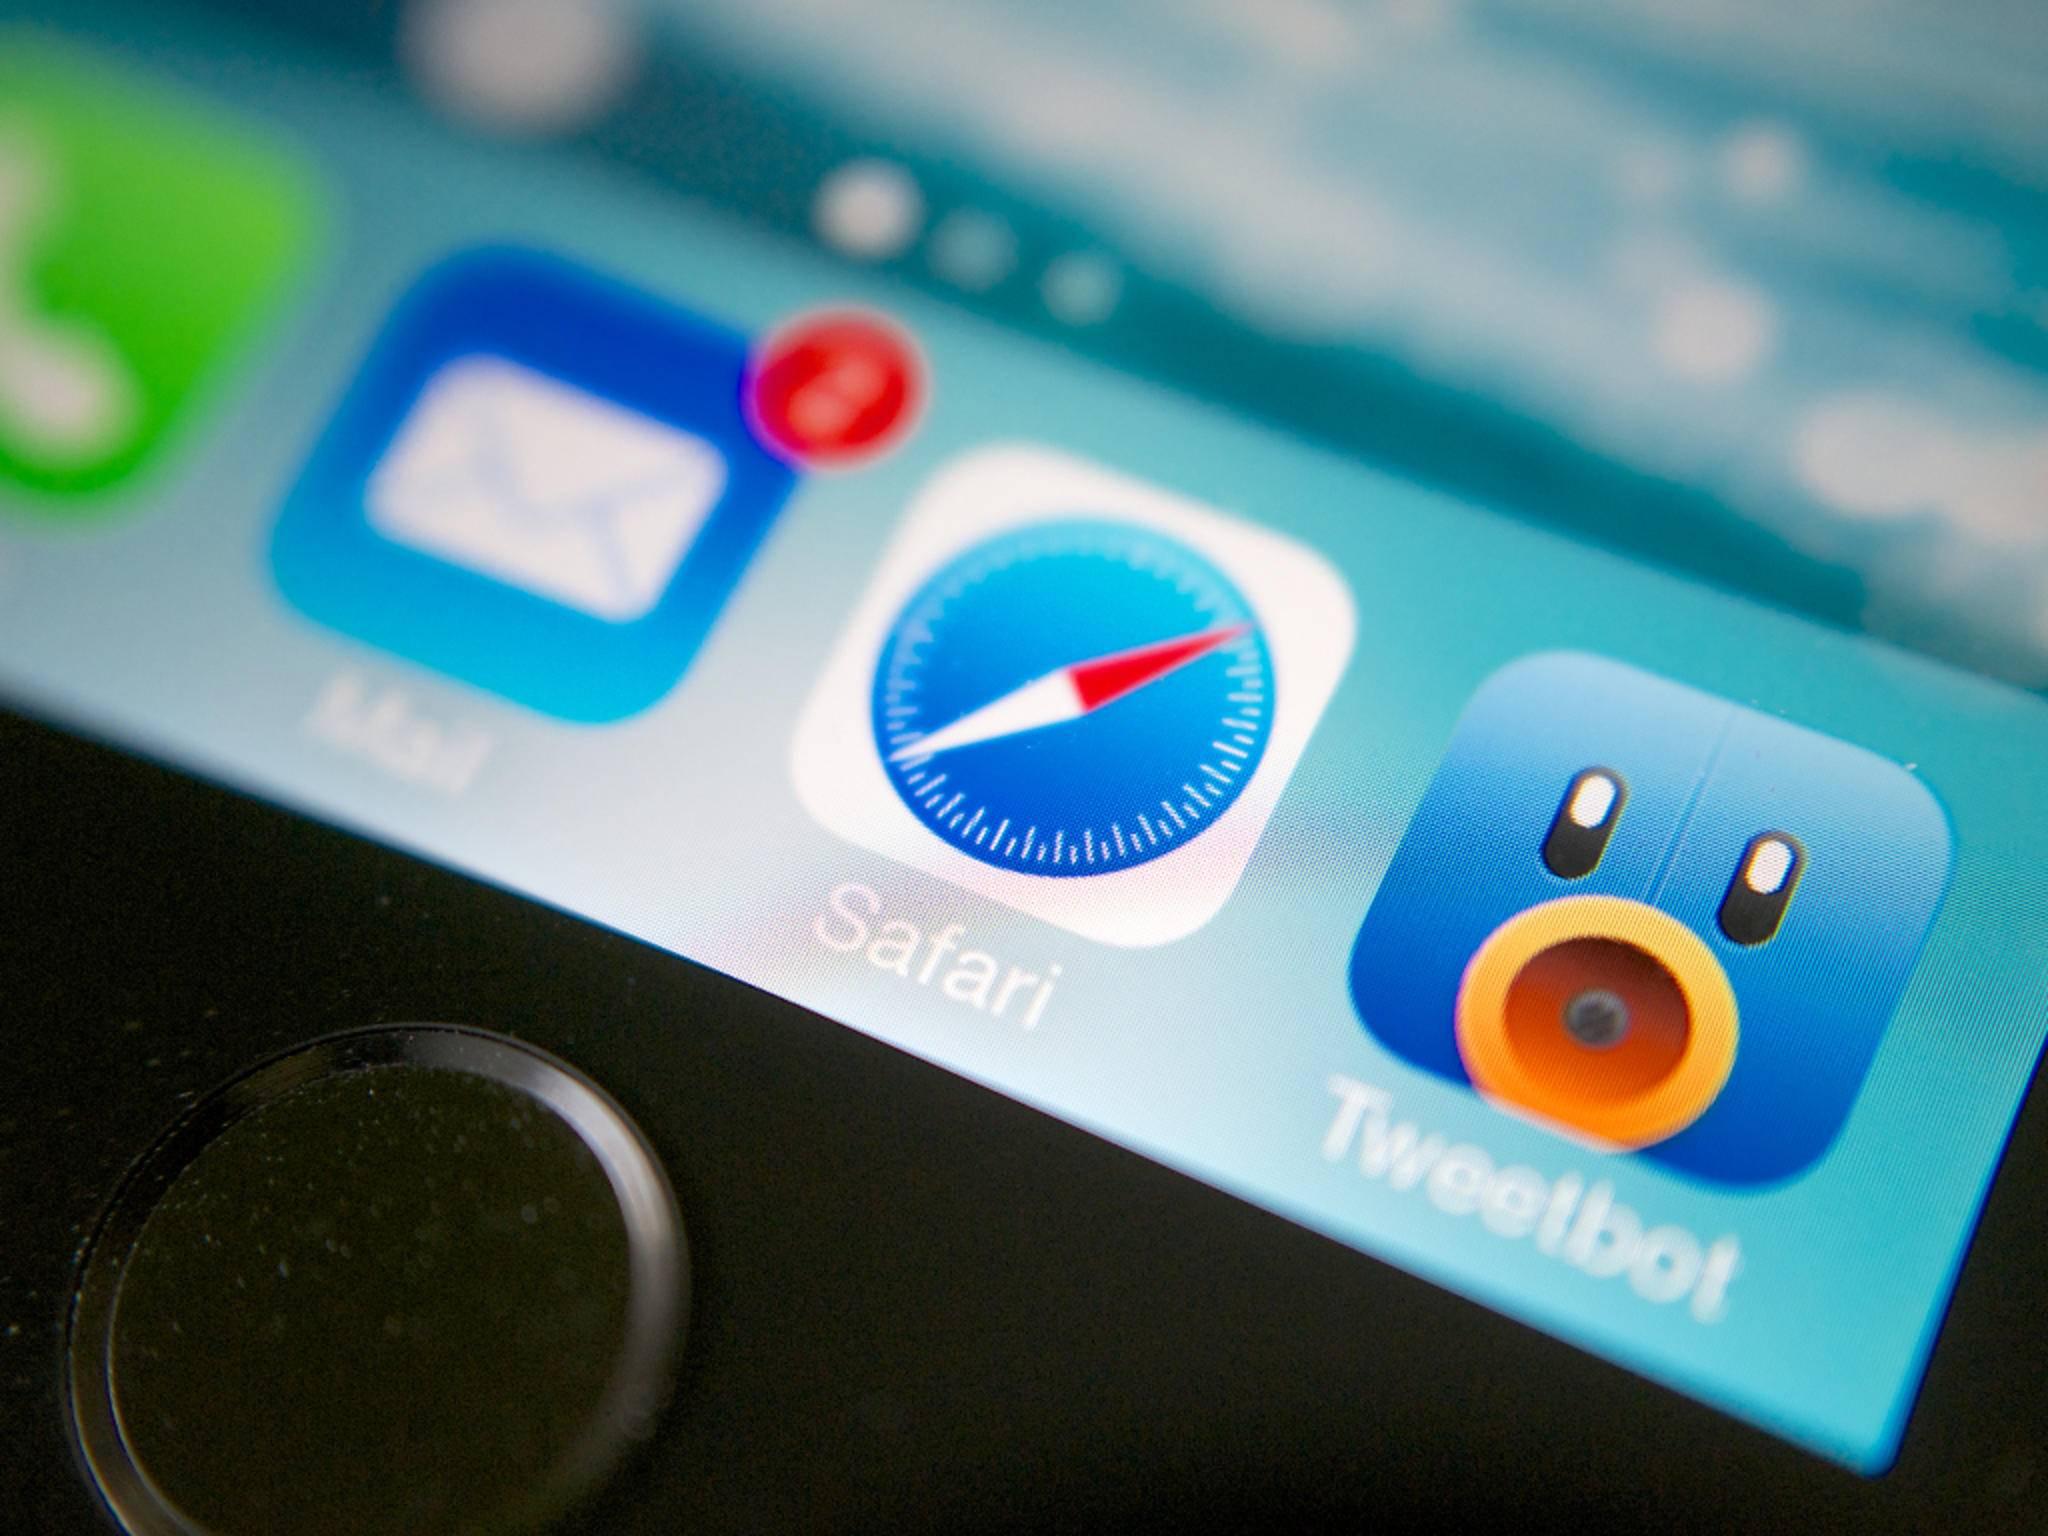 Eine Webseite kann Safari auf dem iPhone sofort zum Absturz bringen.